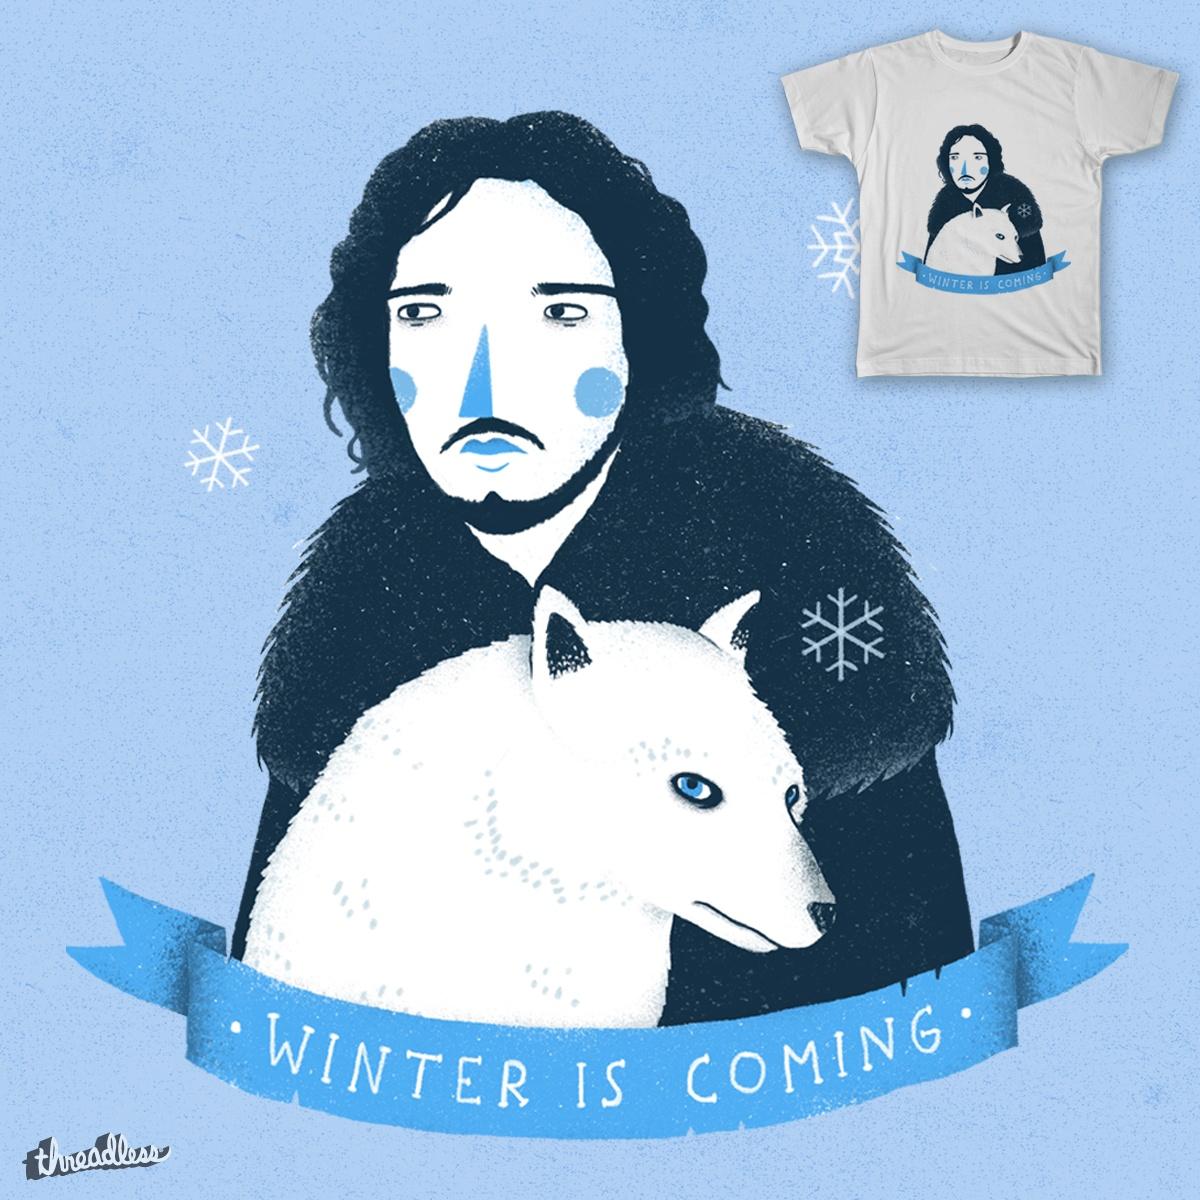 Jon Snow and Ghost by paulagarcia on Threadless